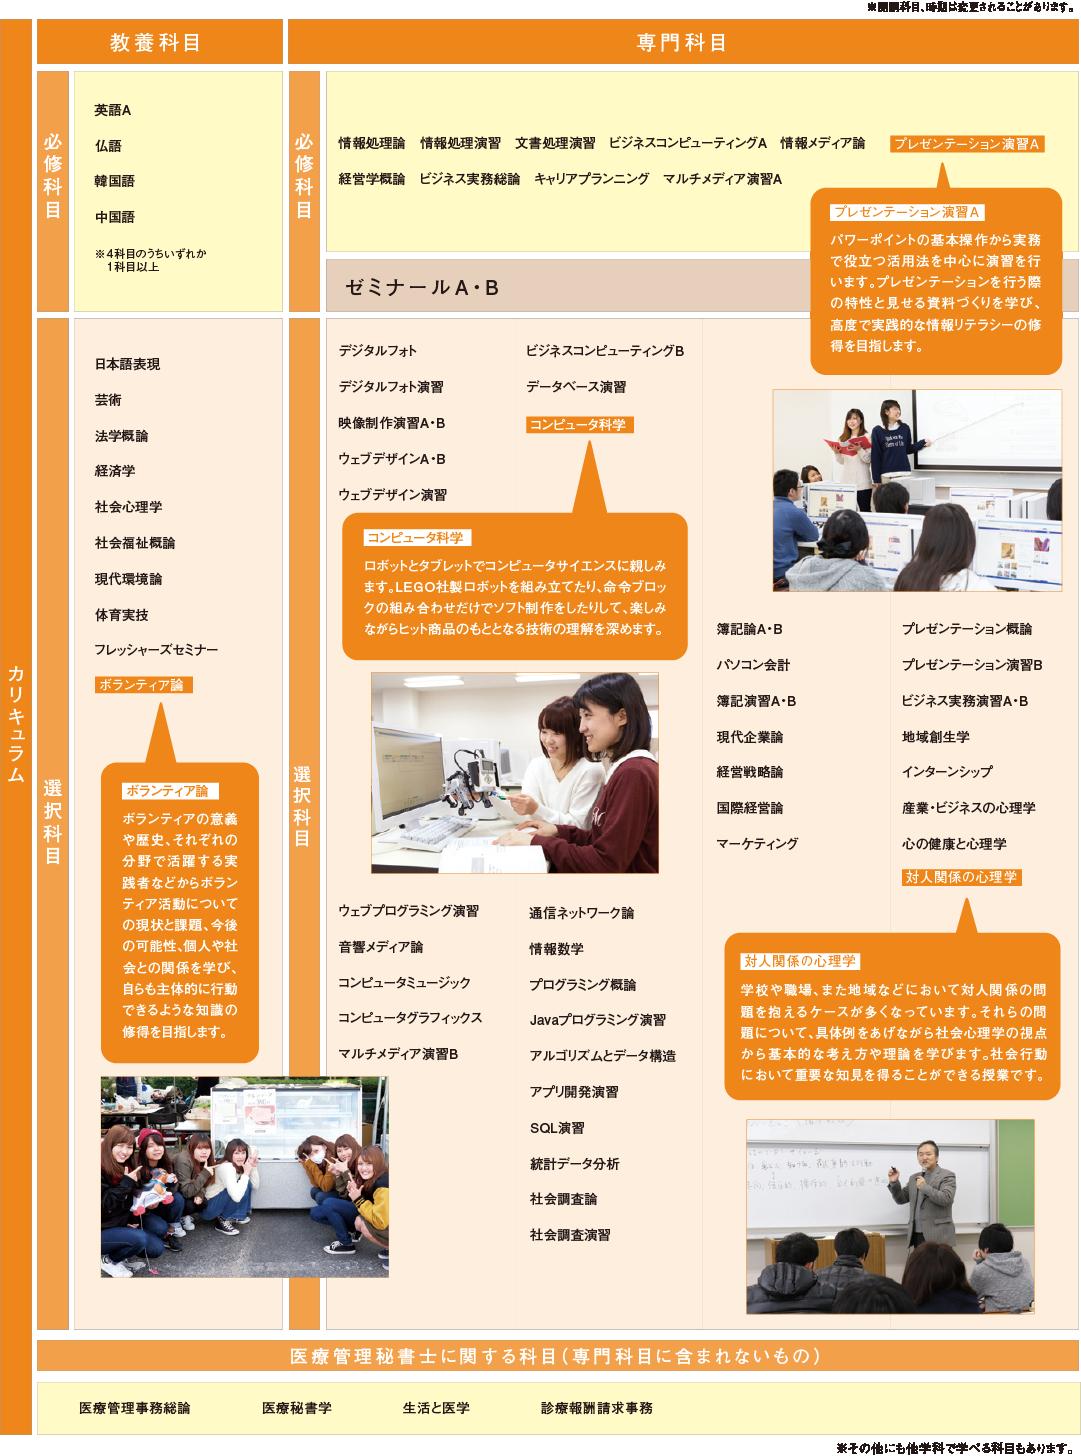 情報ビジネス学科のカリキュラム